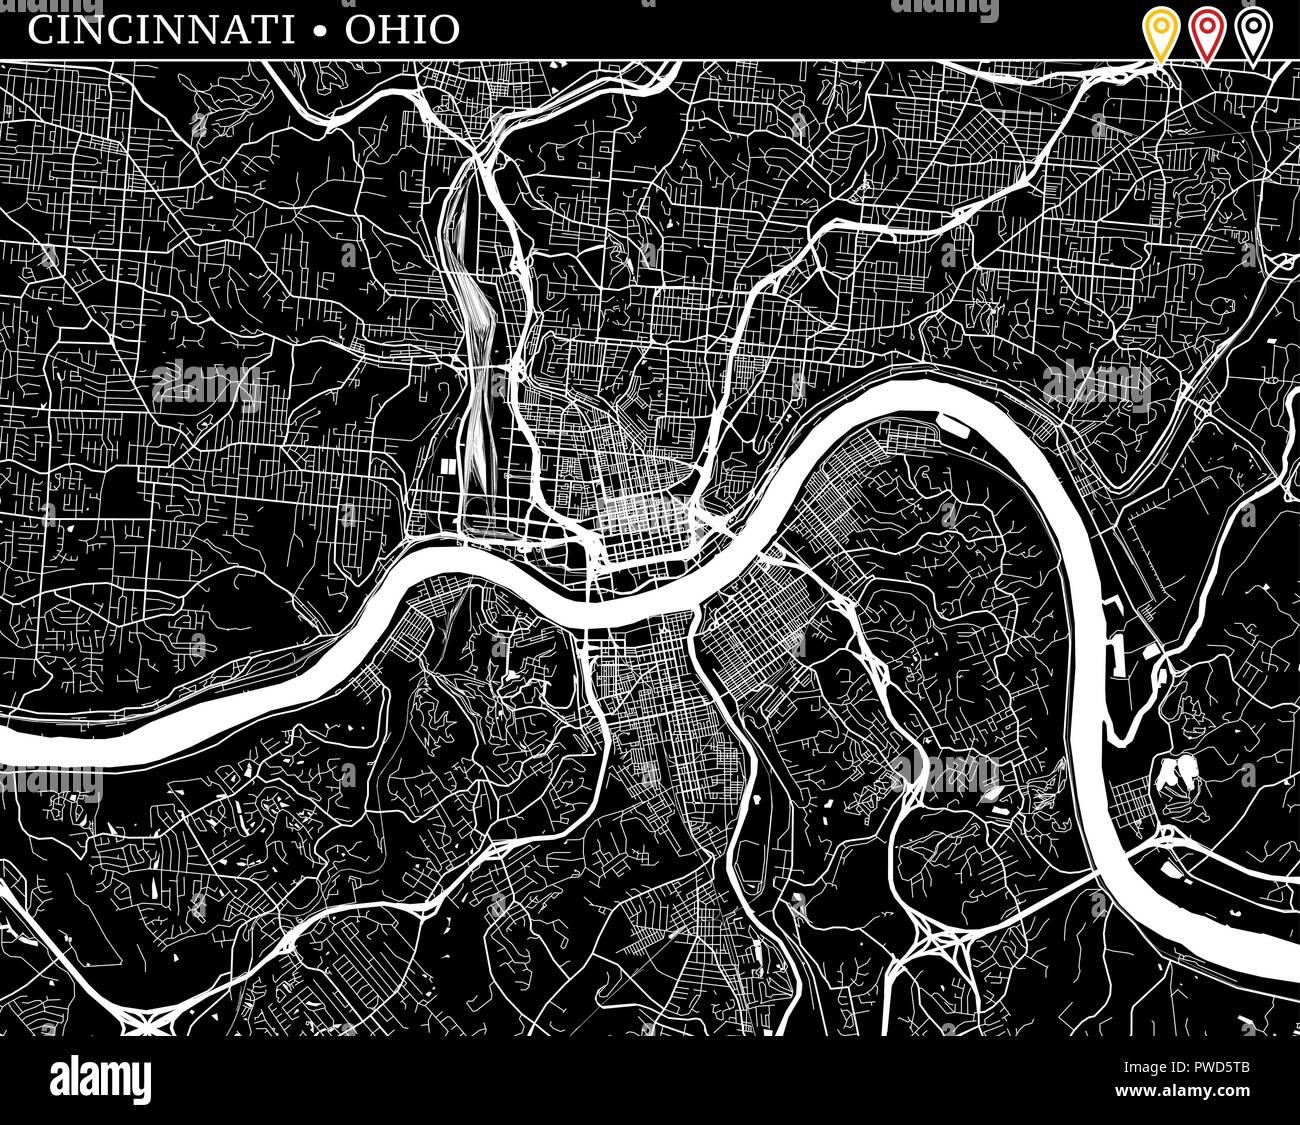 Mapa Sencillo De Cincinnati Ohio Usa Version En Blanco Y Negro